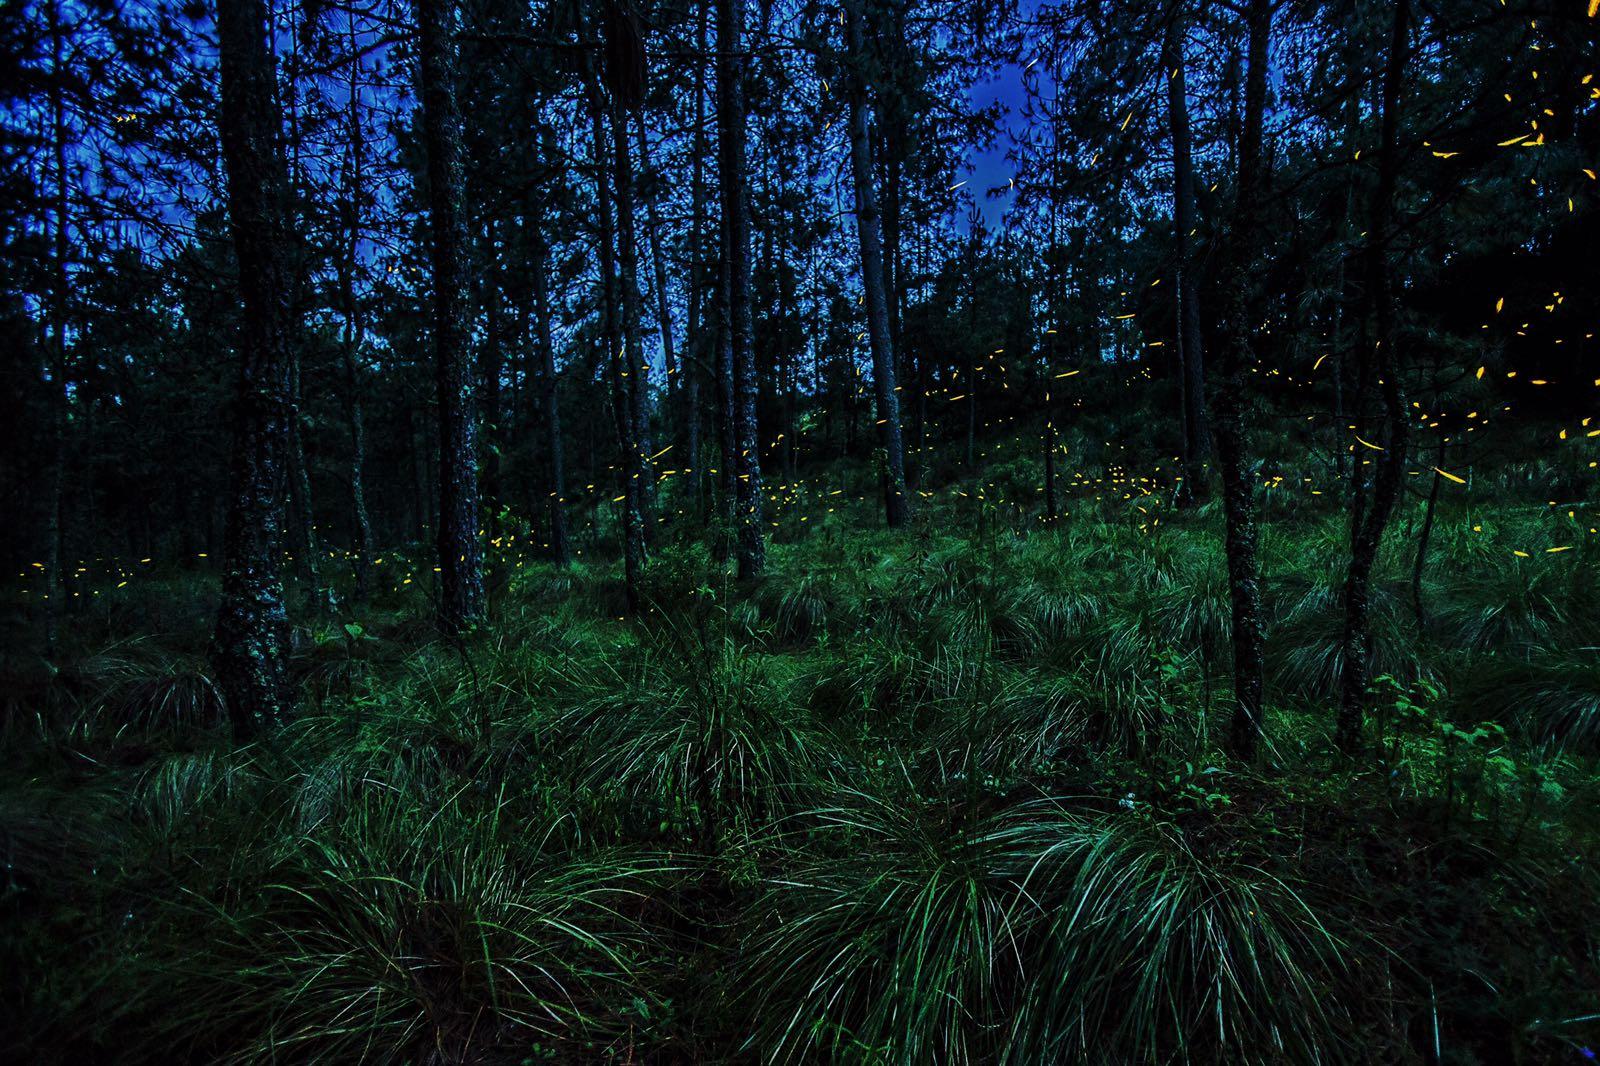 Ilumina tus vacaciones en el santuario de las luci rnagas Espectaculo de luciernagas en tlaxcala